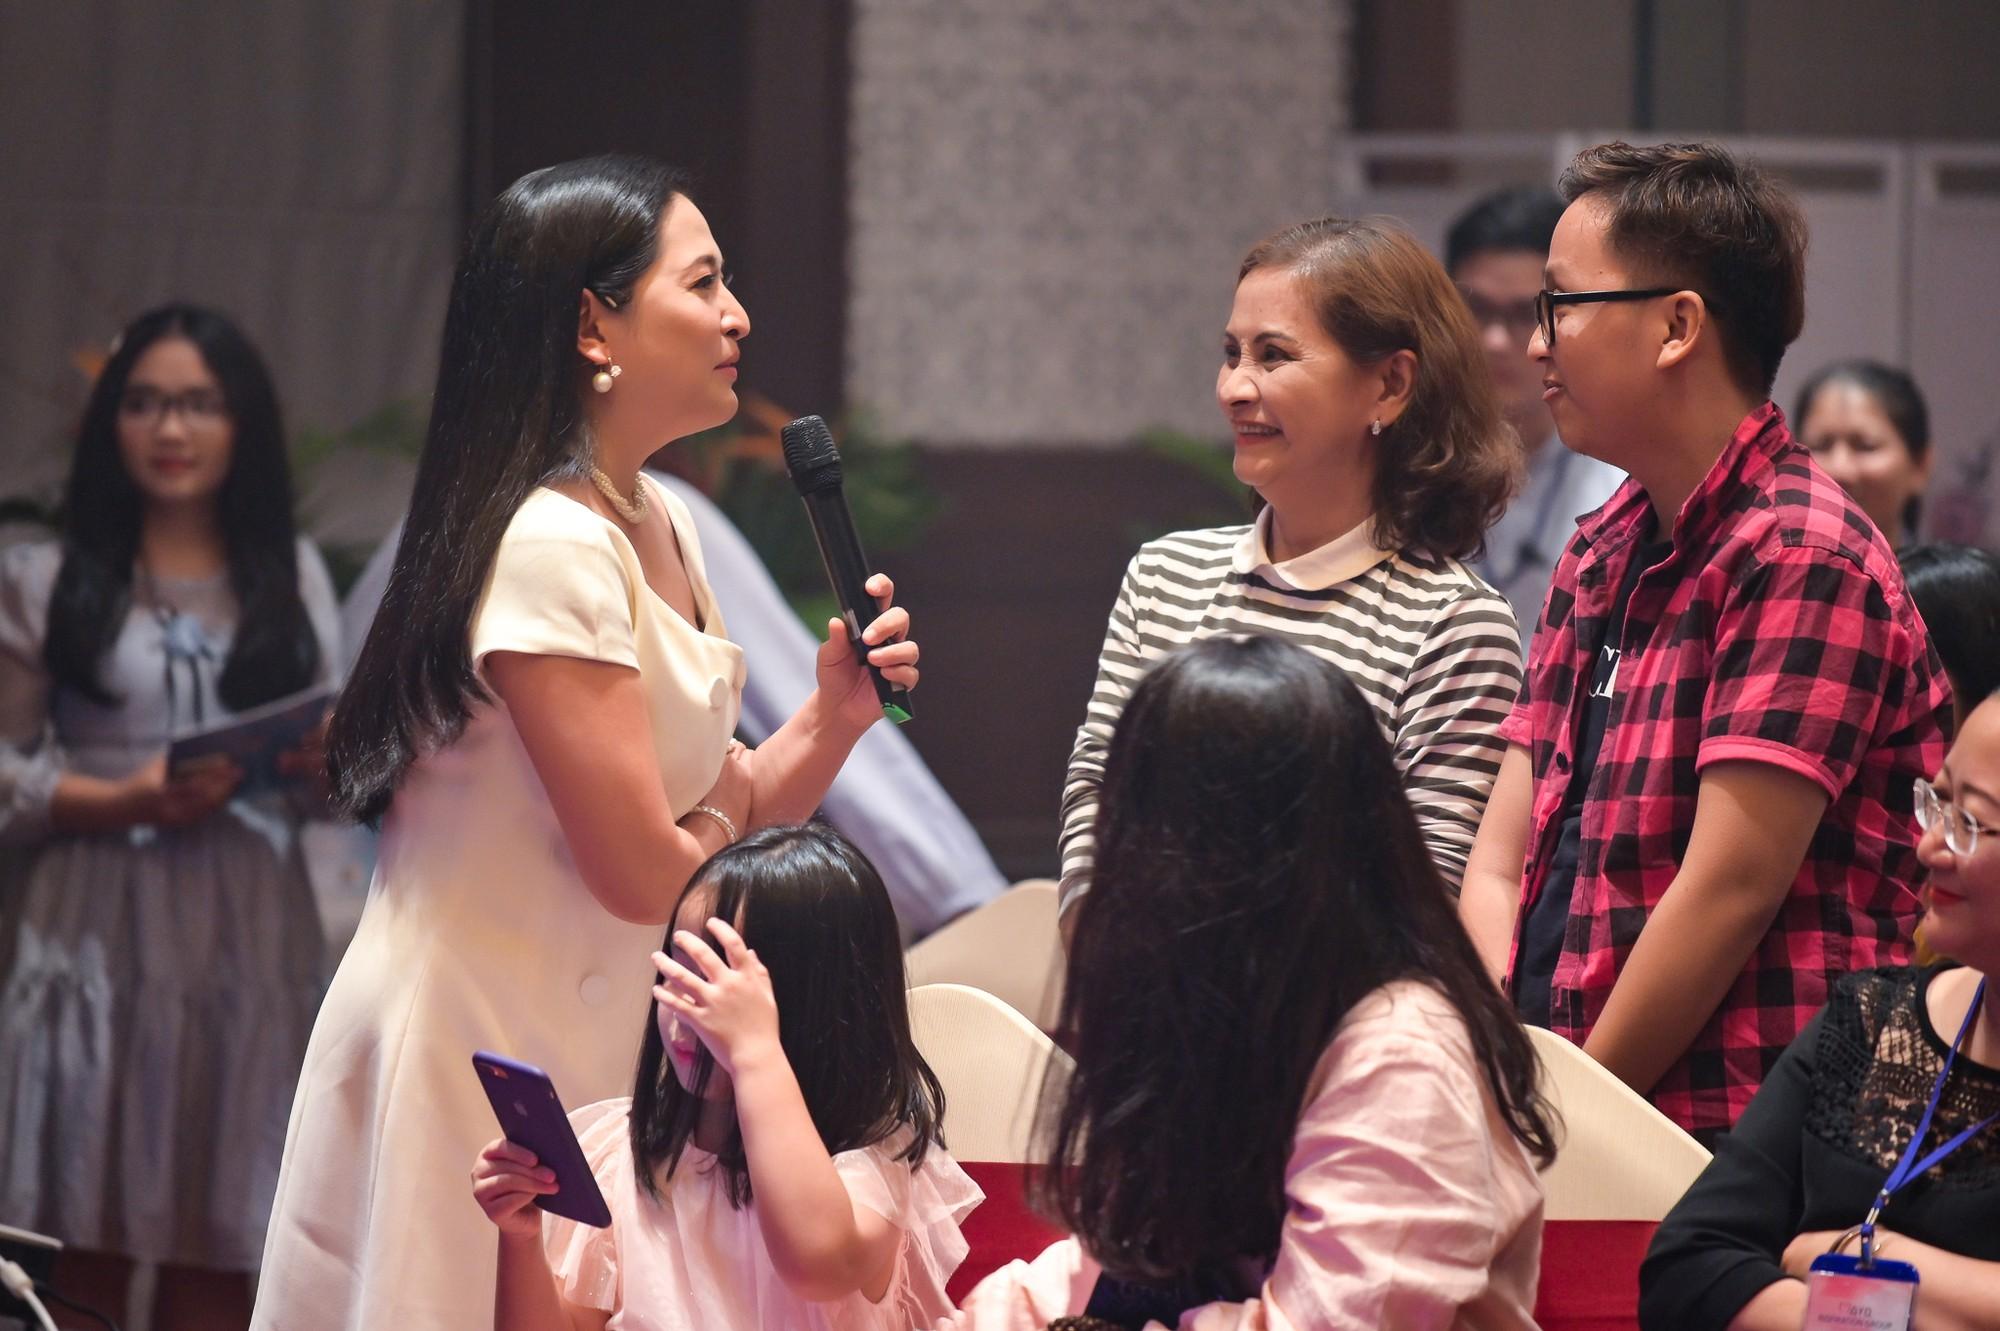 MC Quỳnh Hương khuyến khích mọi người đừng ngại ngần ôm và hôn mẹ khi còn có thể - Ảnh 8.